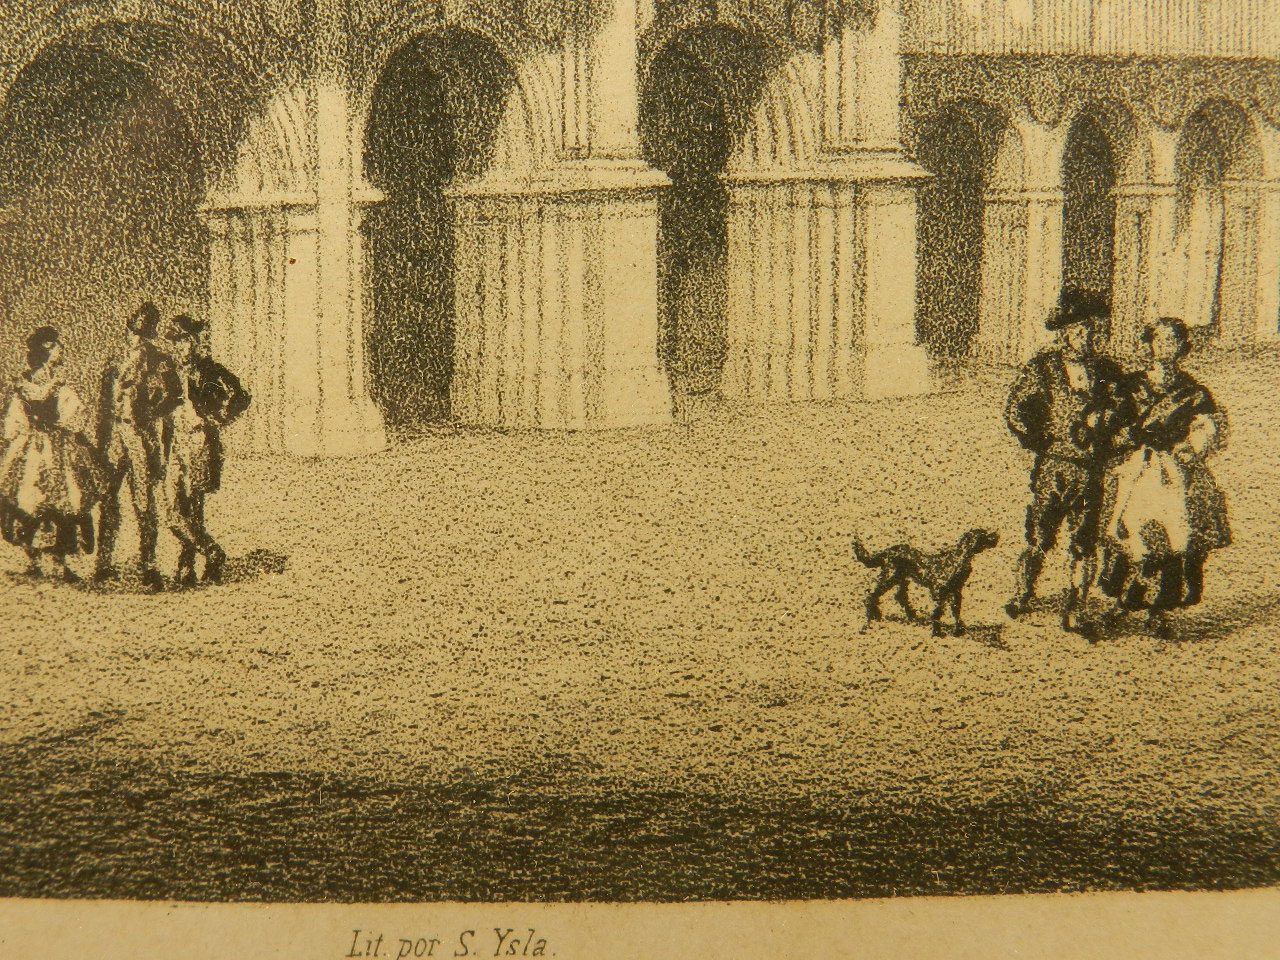 Imagen LITOGRAFÍA P. MAYOR SALAMANCA AÑO 1860 24847